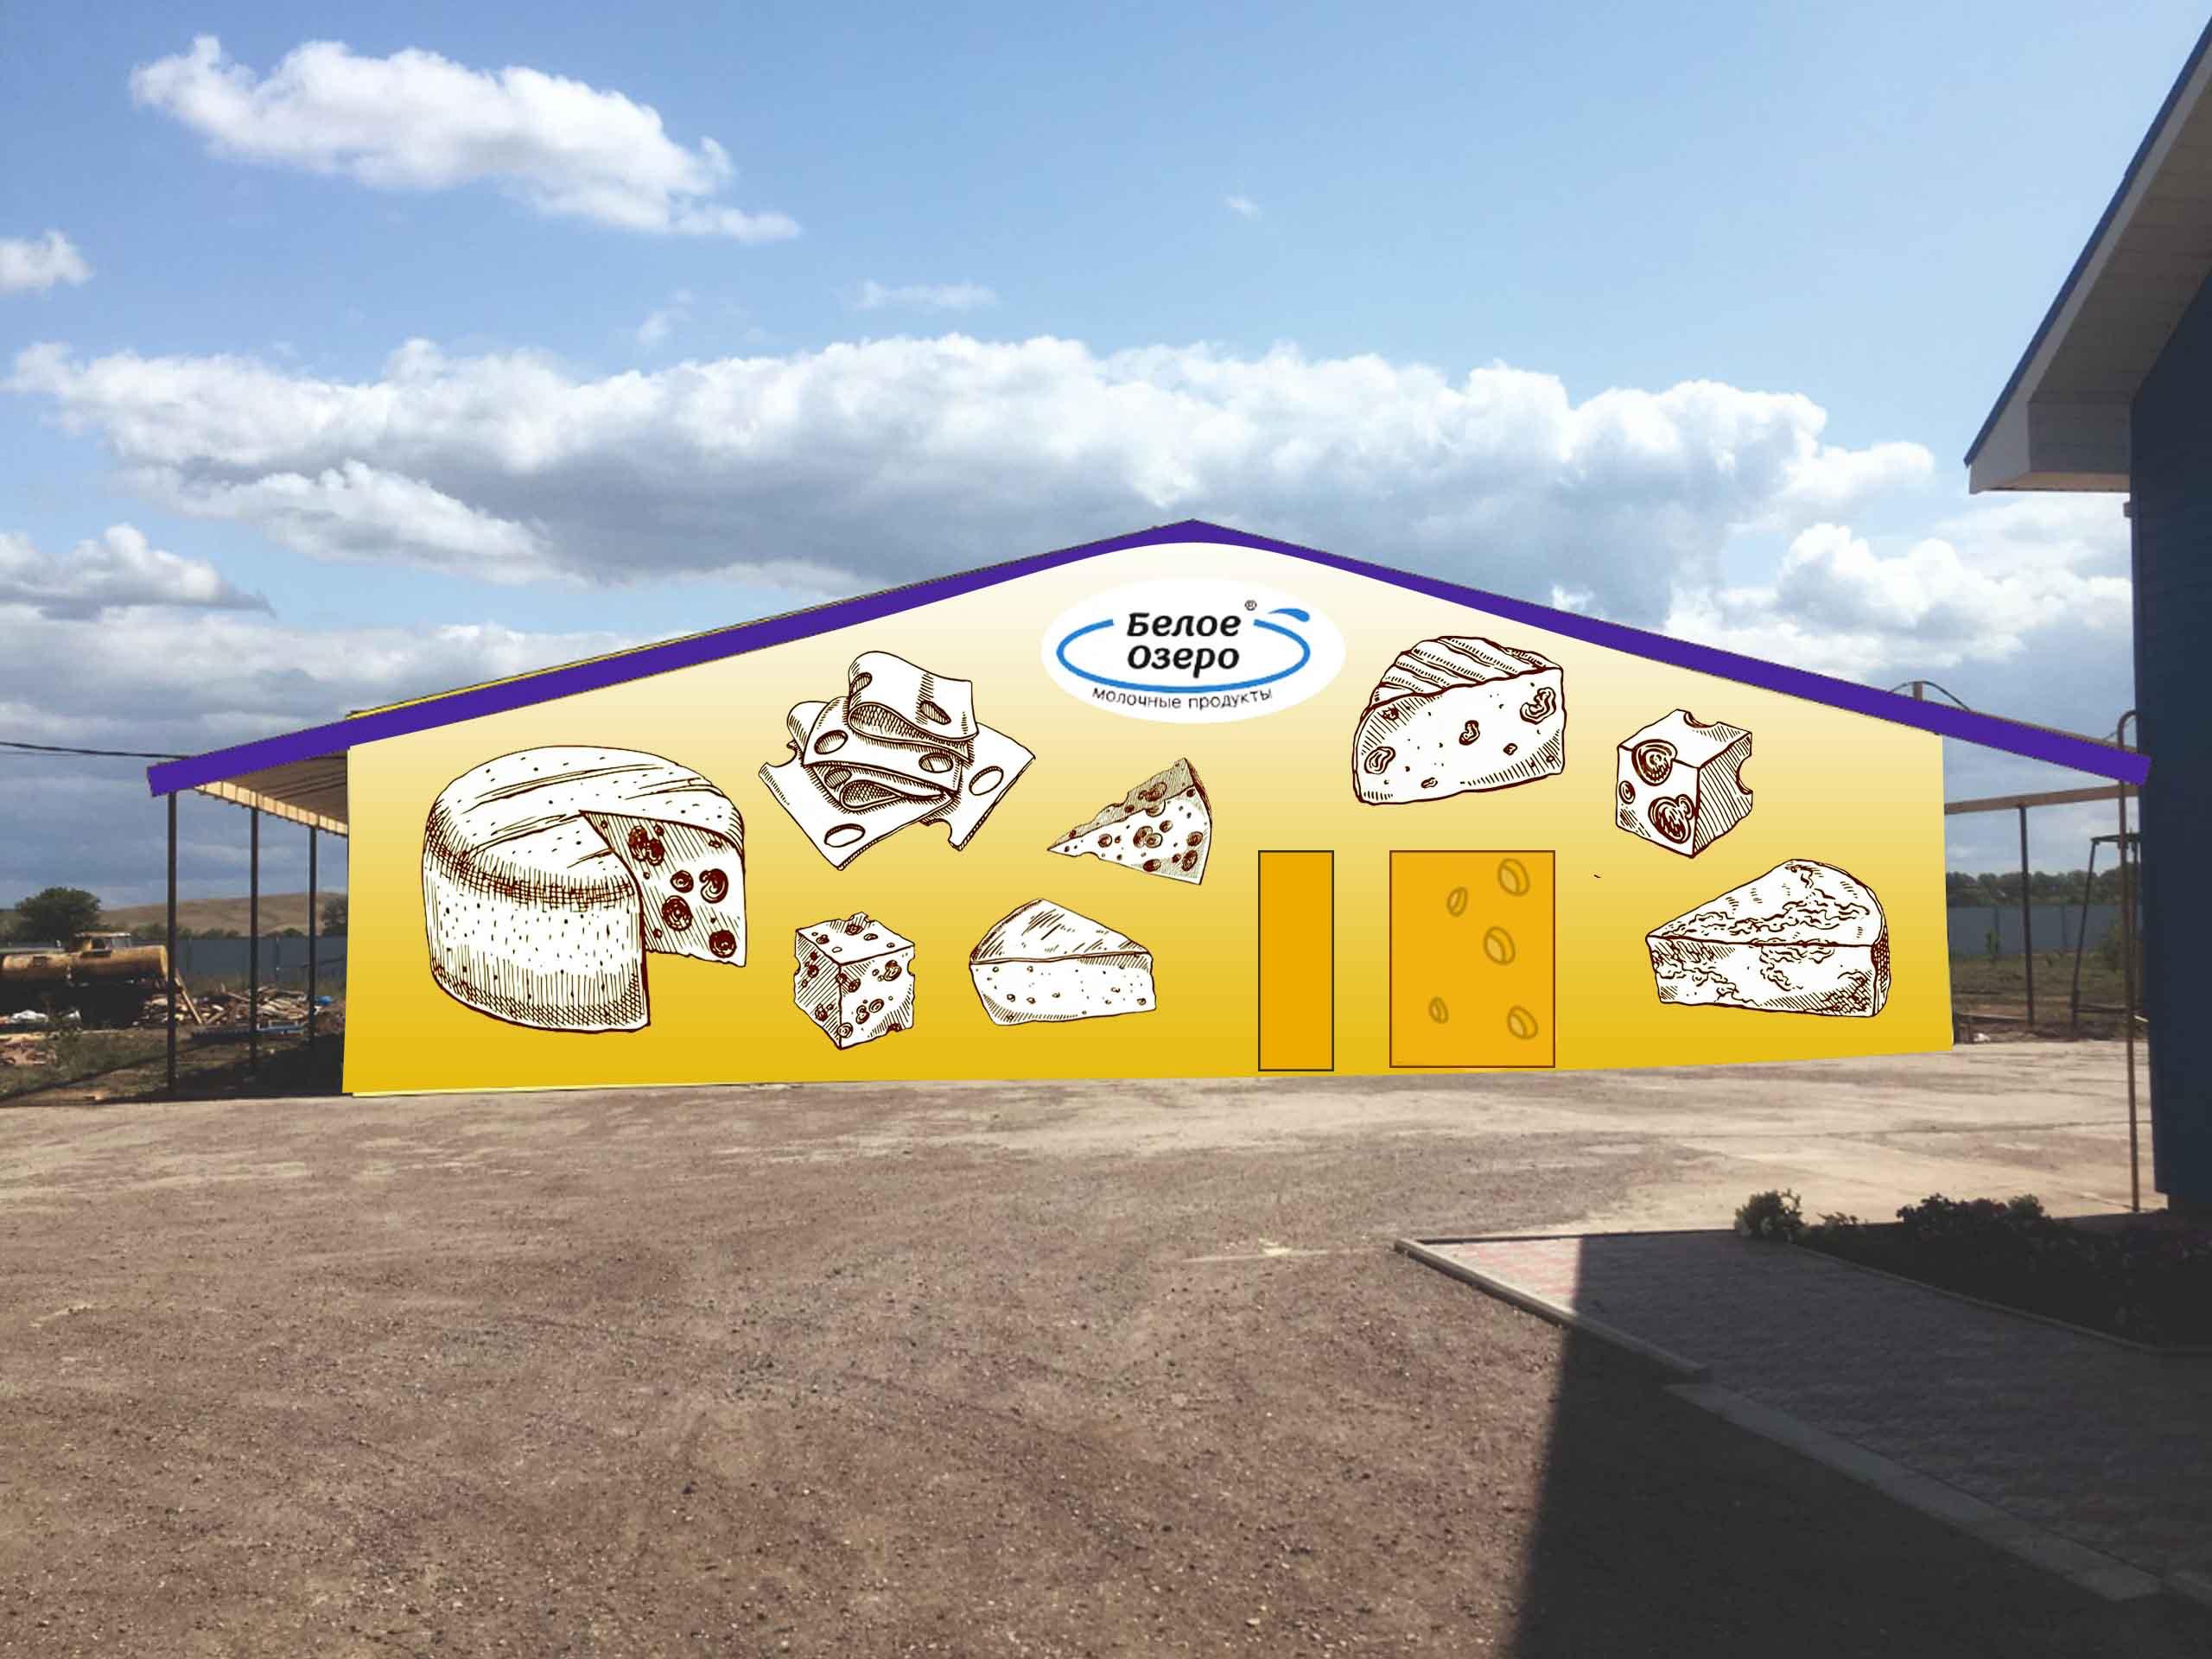 Дизайн граффити на фасад сырзавода фото f_4965d793243663ce.jpg